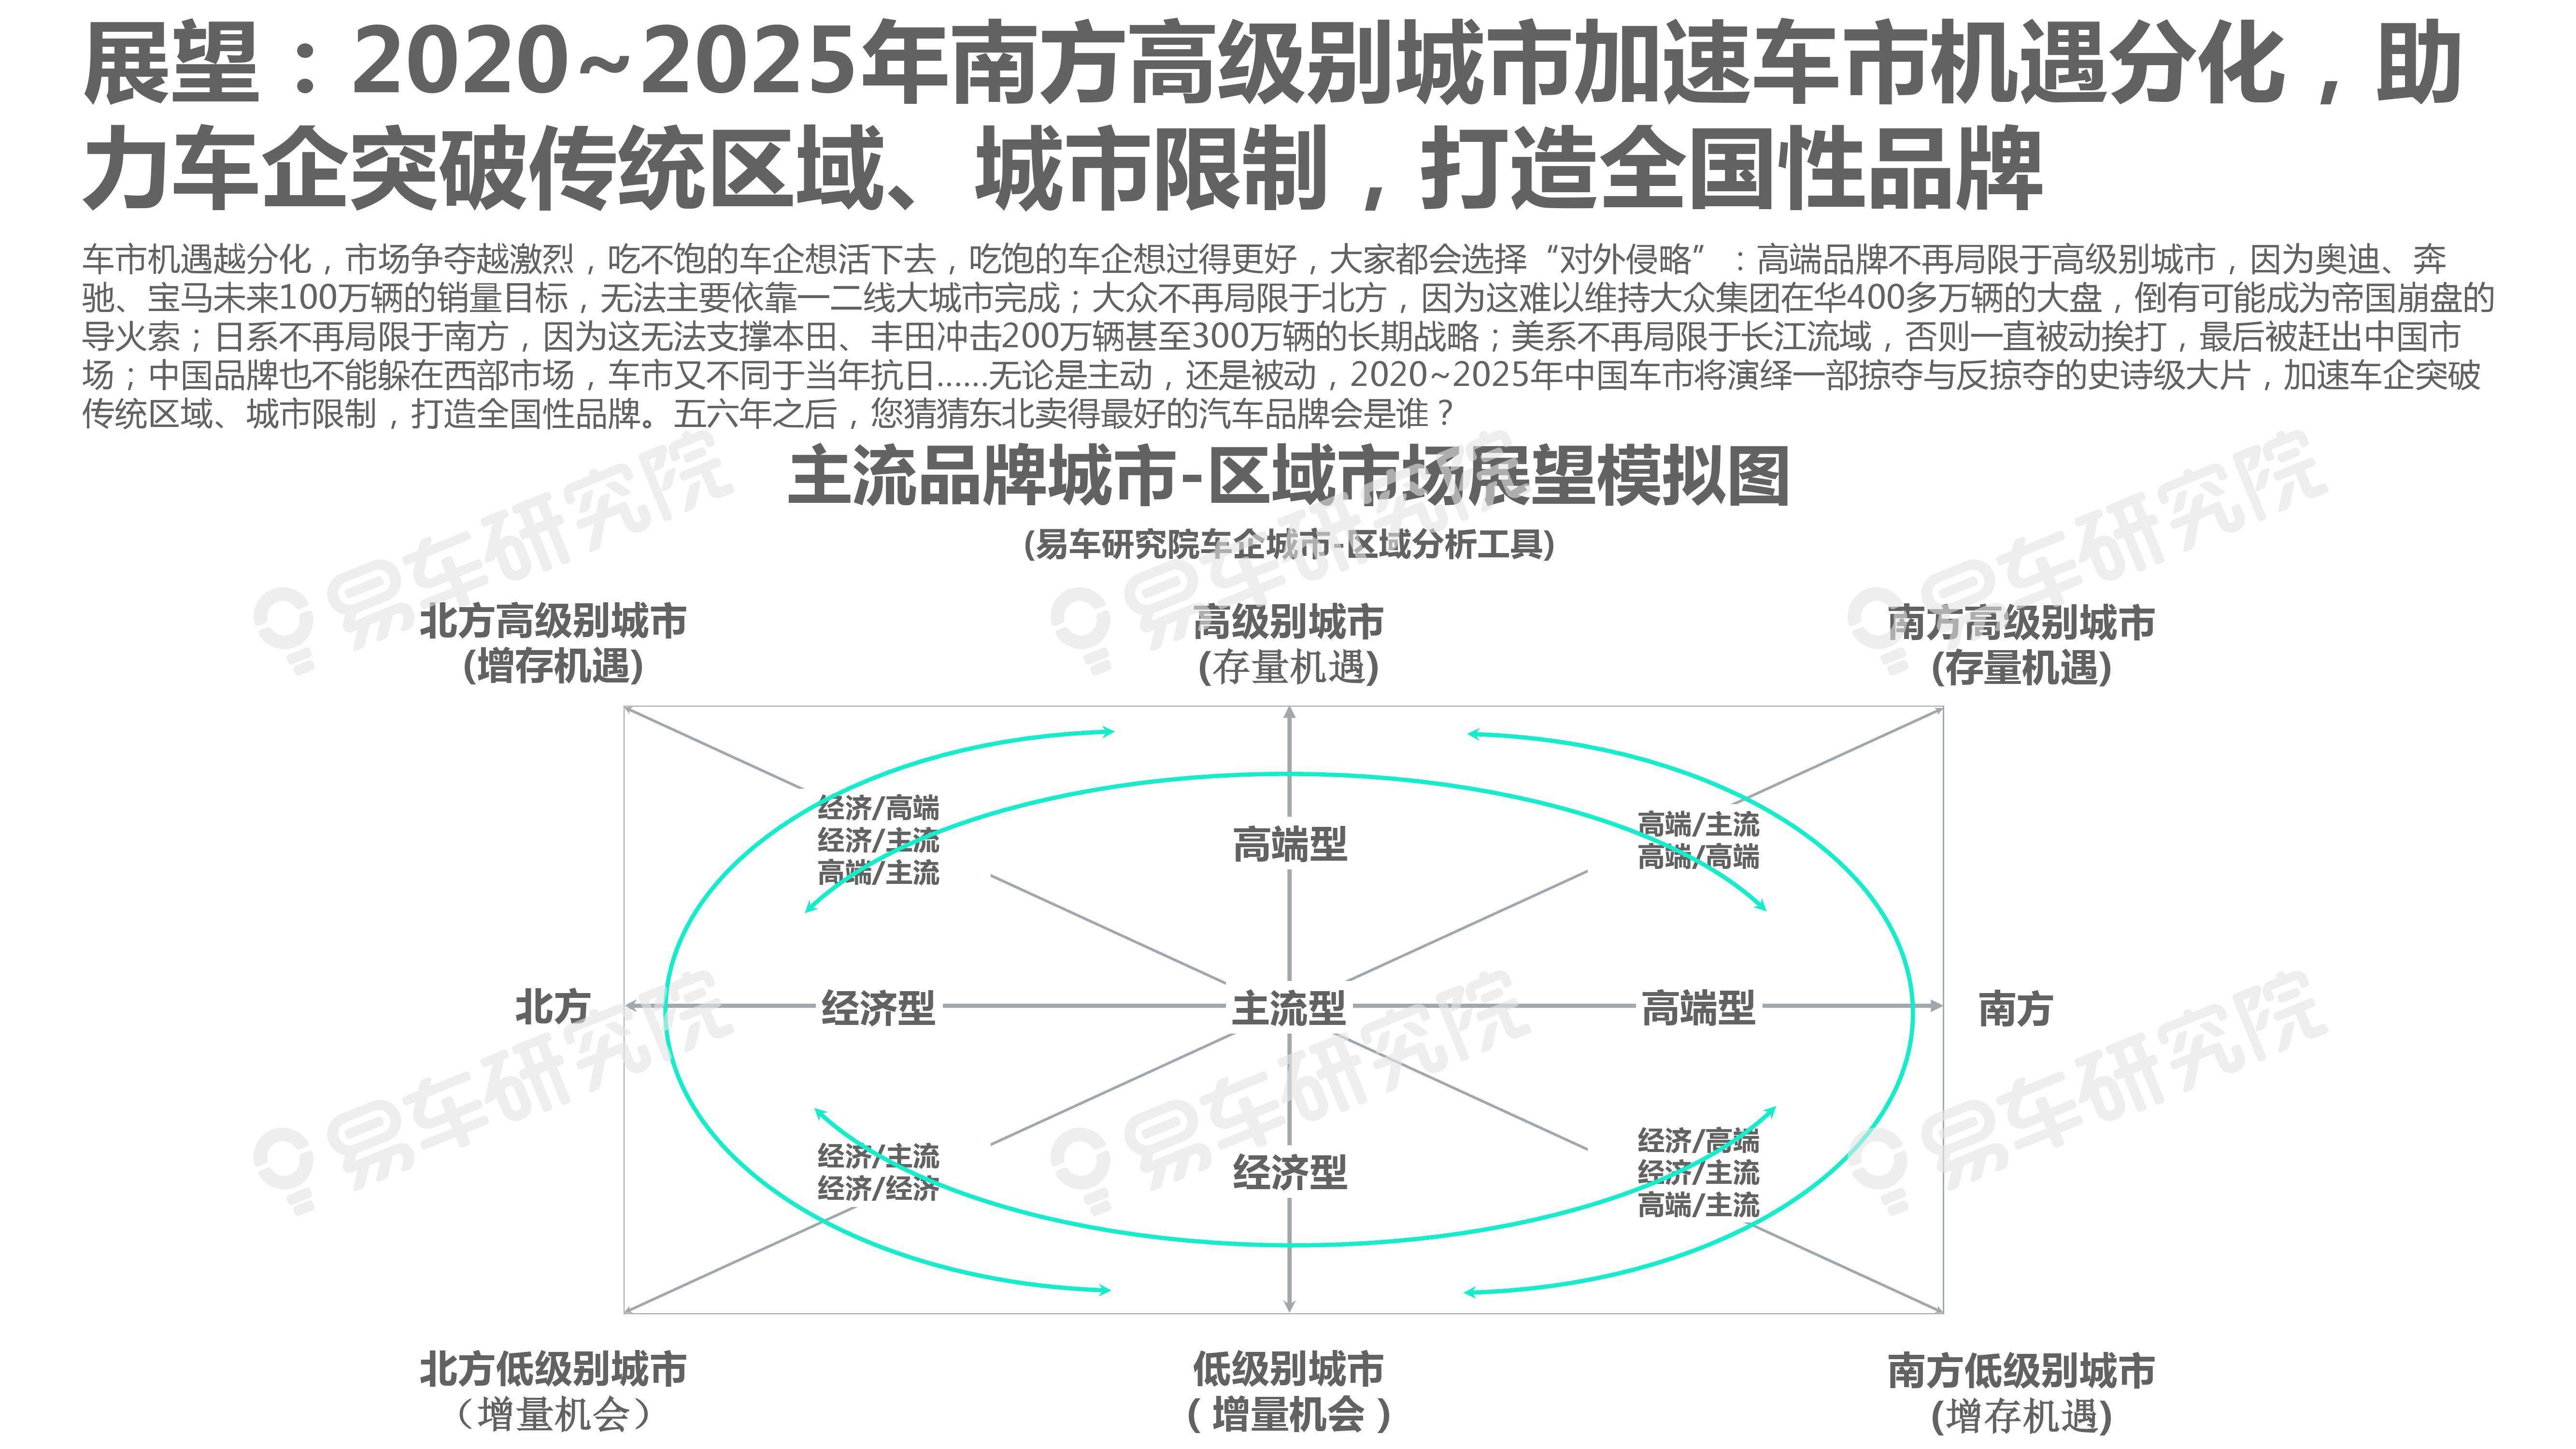 """2020-2025年城市:区域洞察报告—车企急需构建""""战略矩阵""""(可下载报告)插图(35)"""